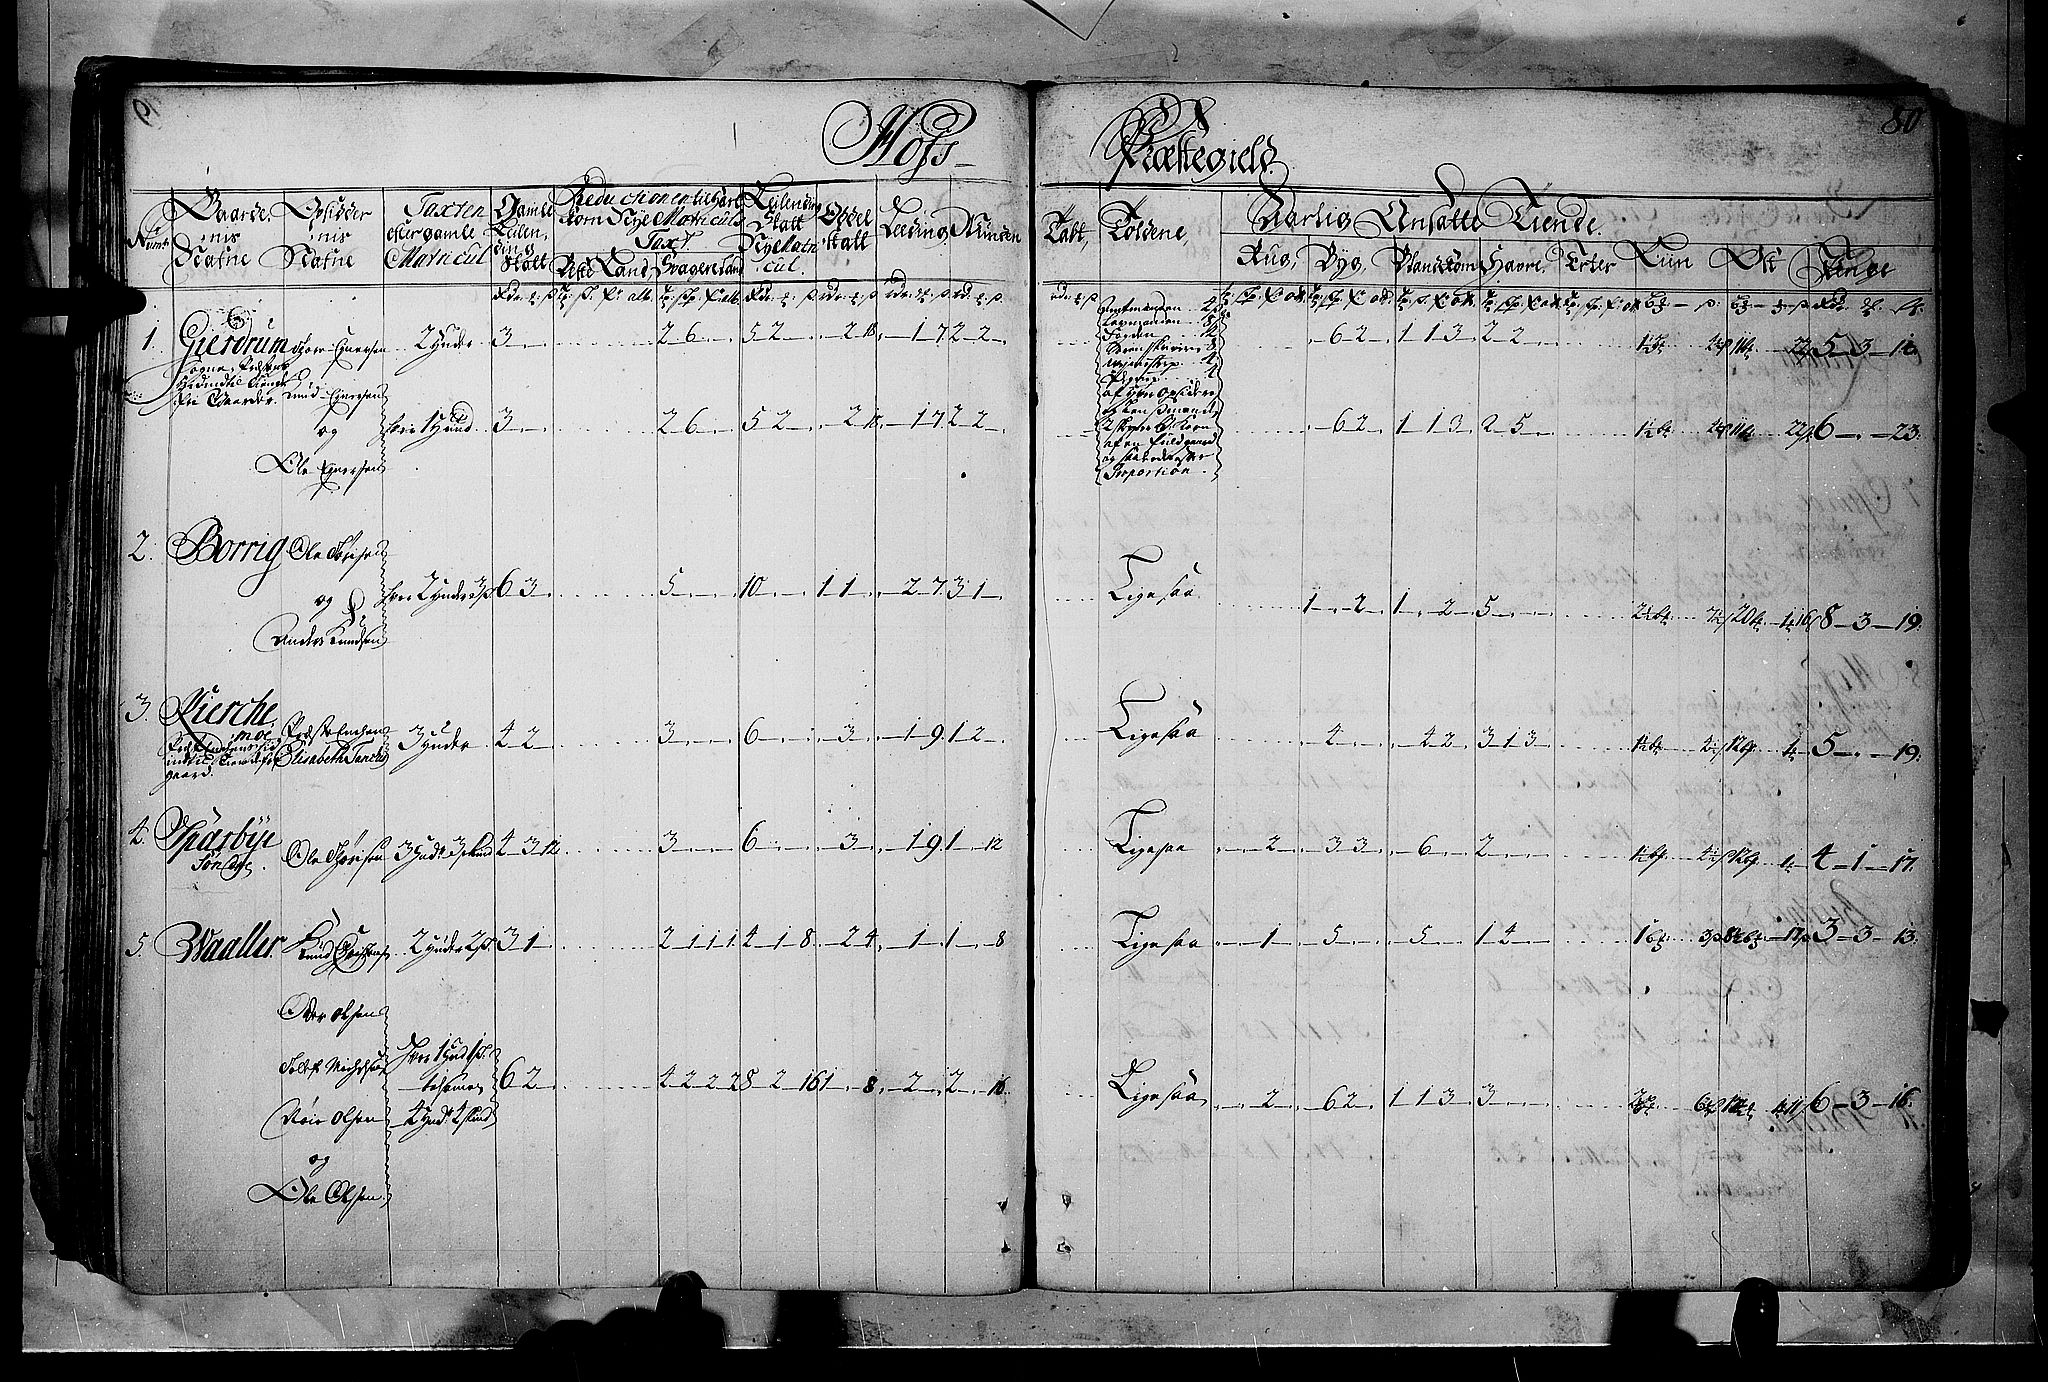 RA, Rentekammeret inntil 1814, Realistisk ordnet avdeling, N/Nb/Nbf/L0102: Solør, Østerdalen og Odal matrikkelprotokoll, 1723, s. 79b-80a